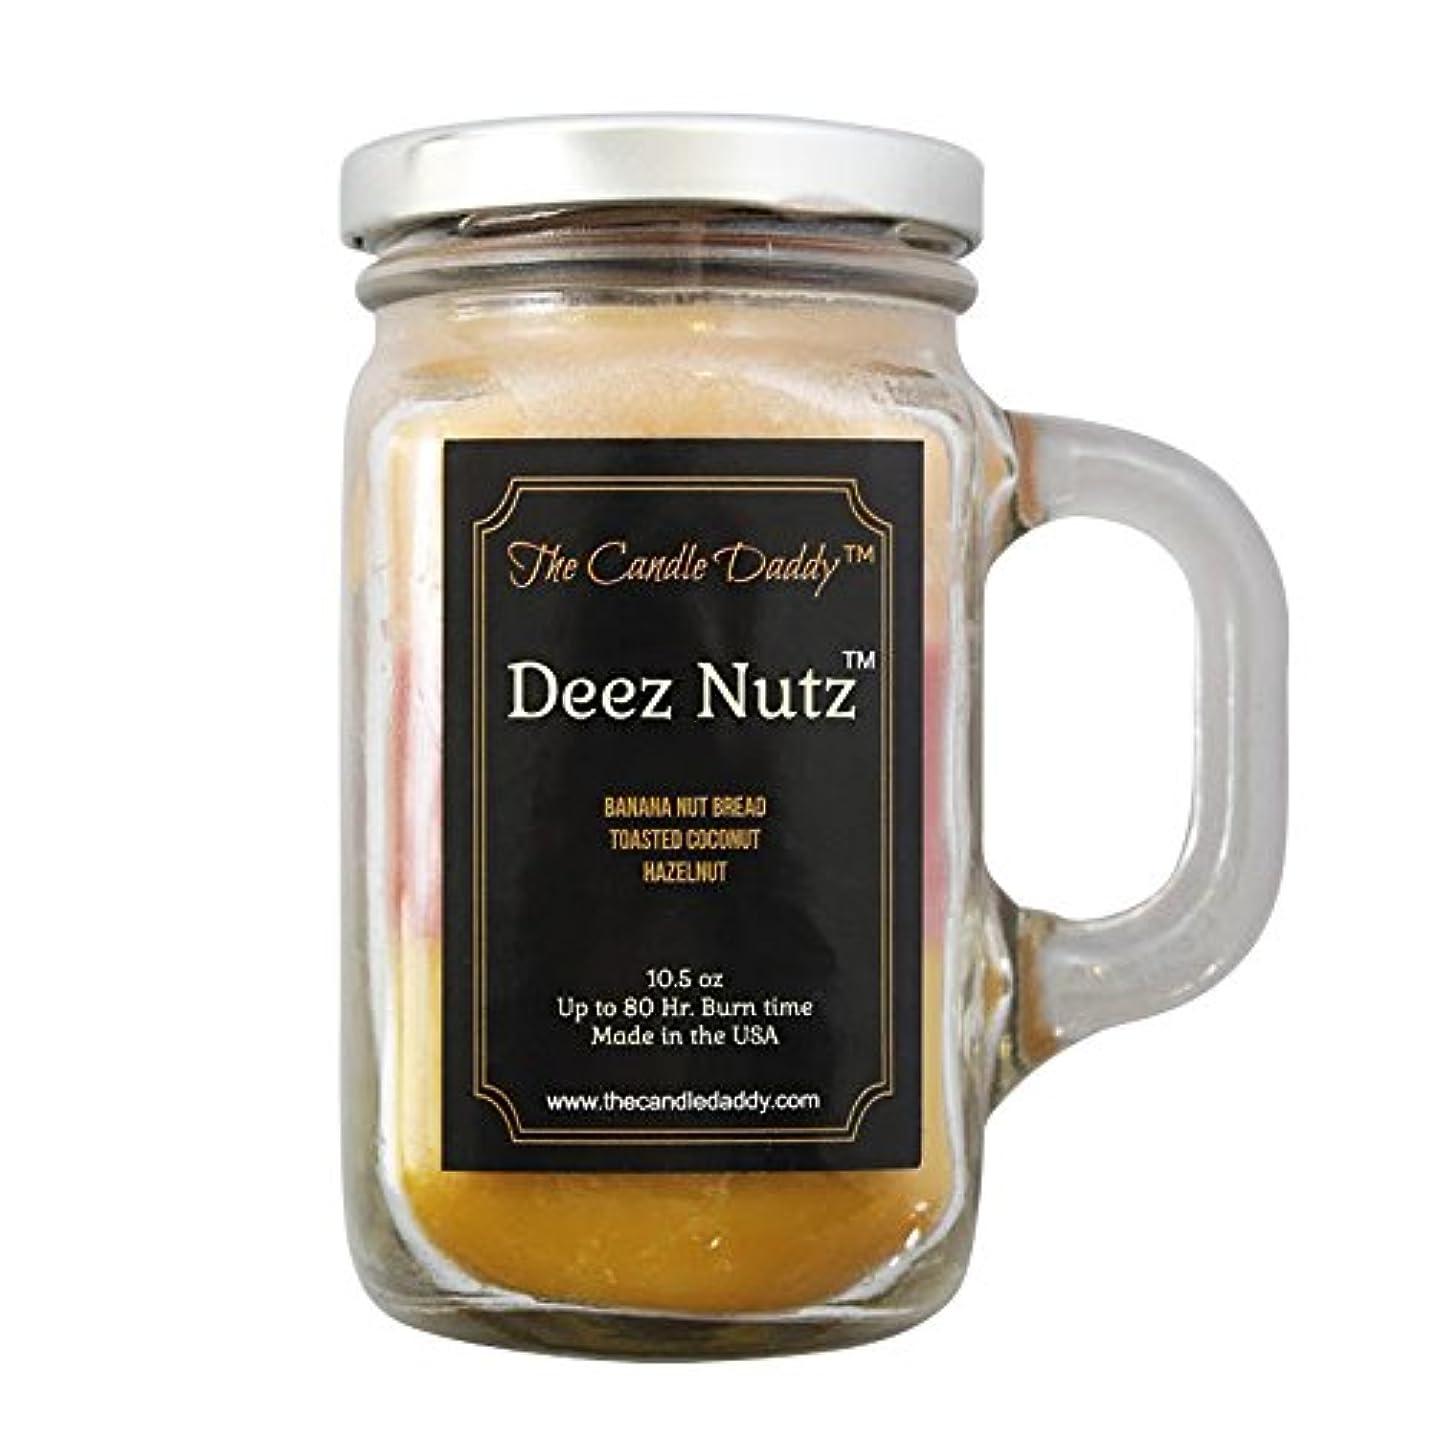 シェーバー姿勢最終Deez Nutz jar candle 310ml 80 hour burn